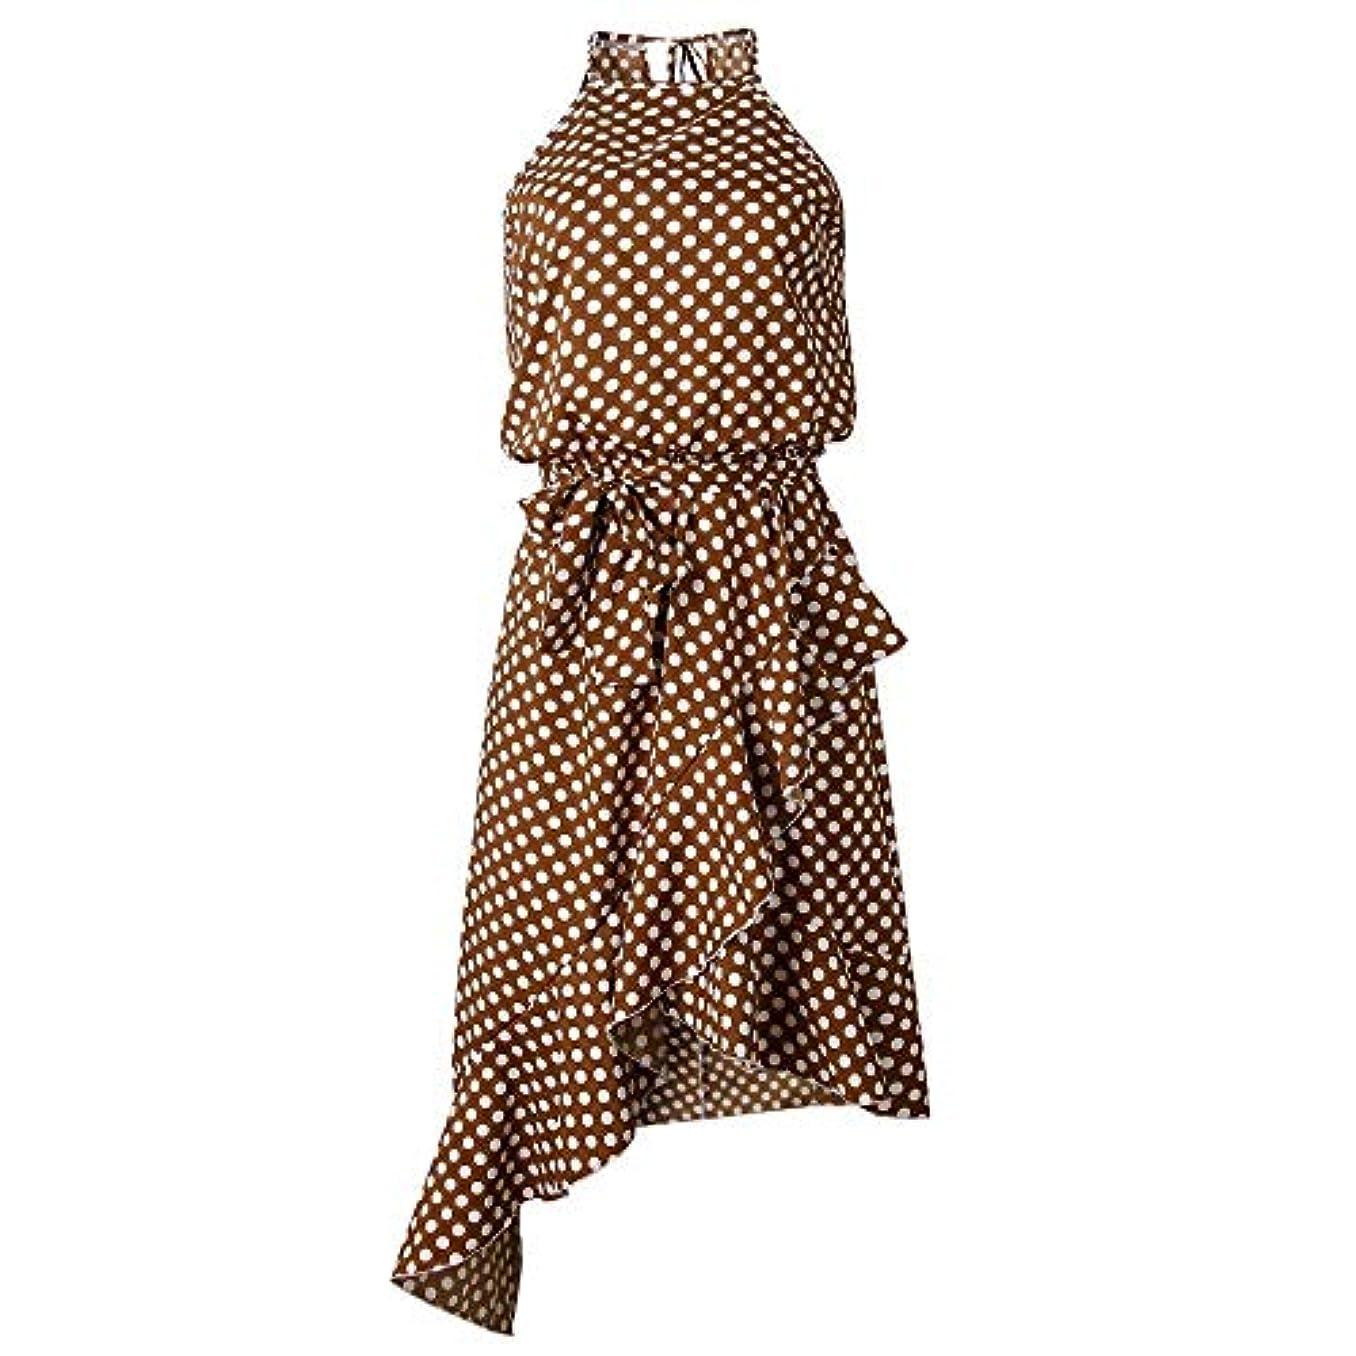 老朽化したワゴン無駄なMaxcrestas - 夏のドレスの女性の新しいファッションホルターポルカドットプリントカジュアルドレスレディースフリルエレガントなドレス